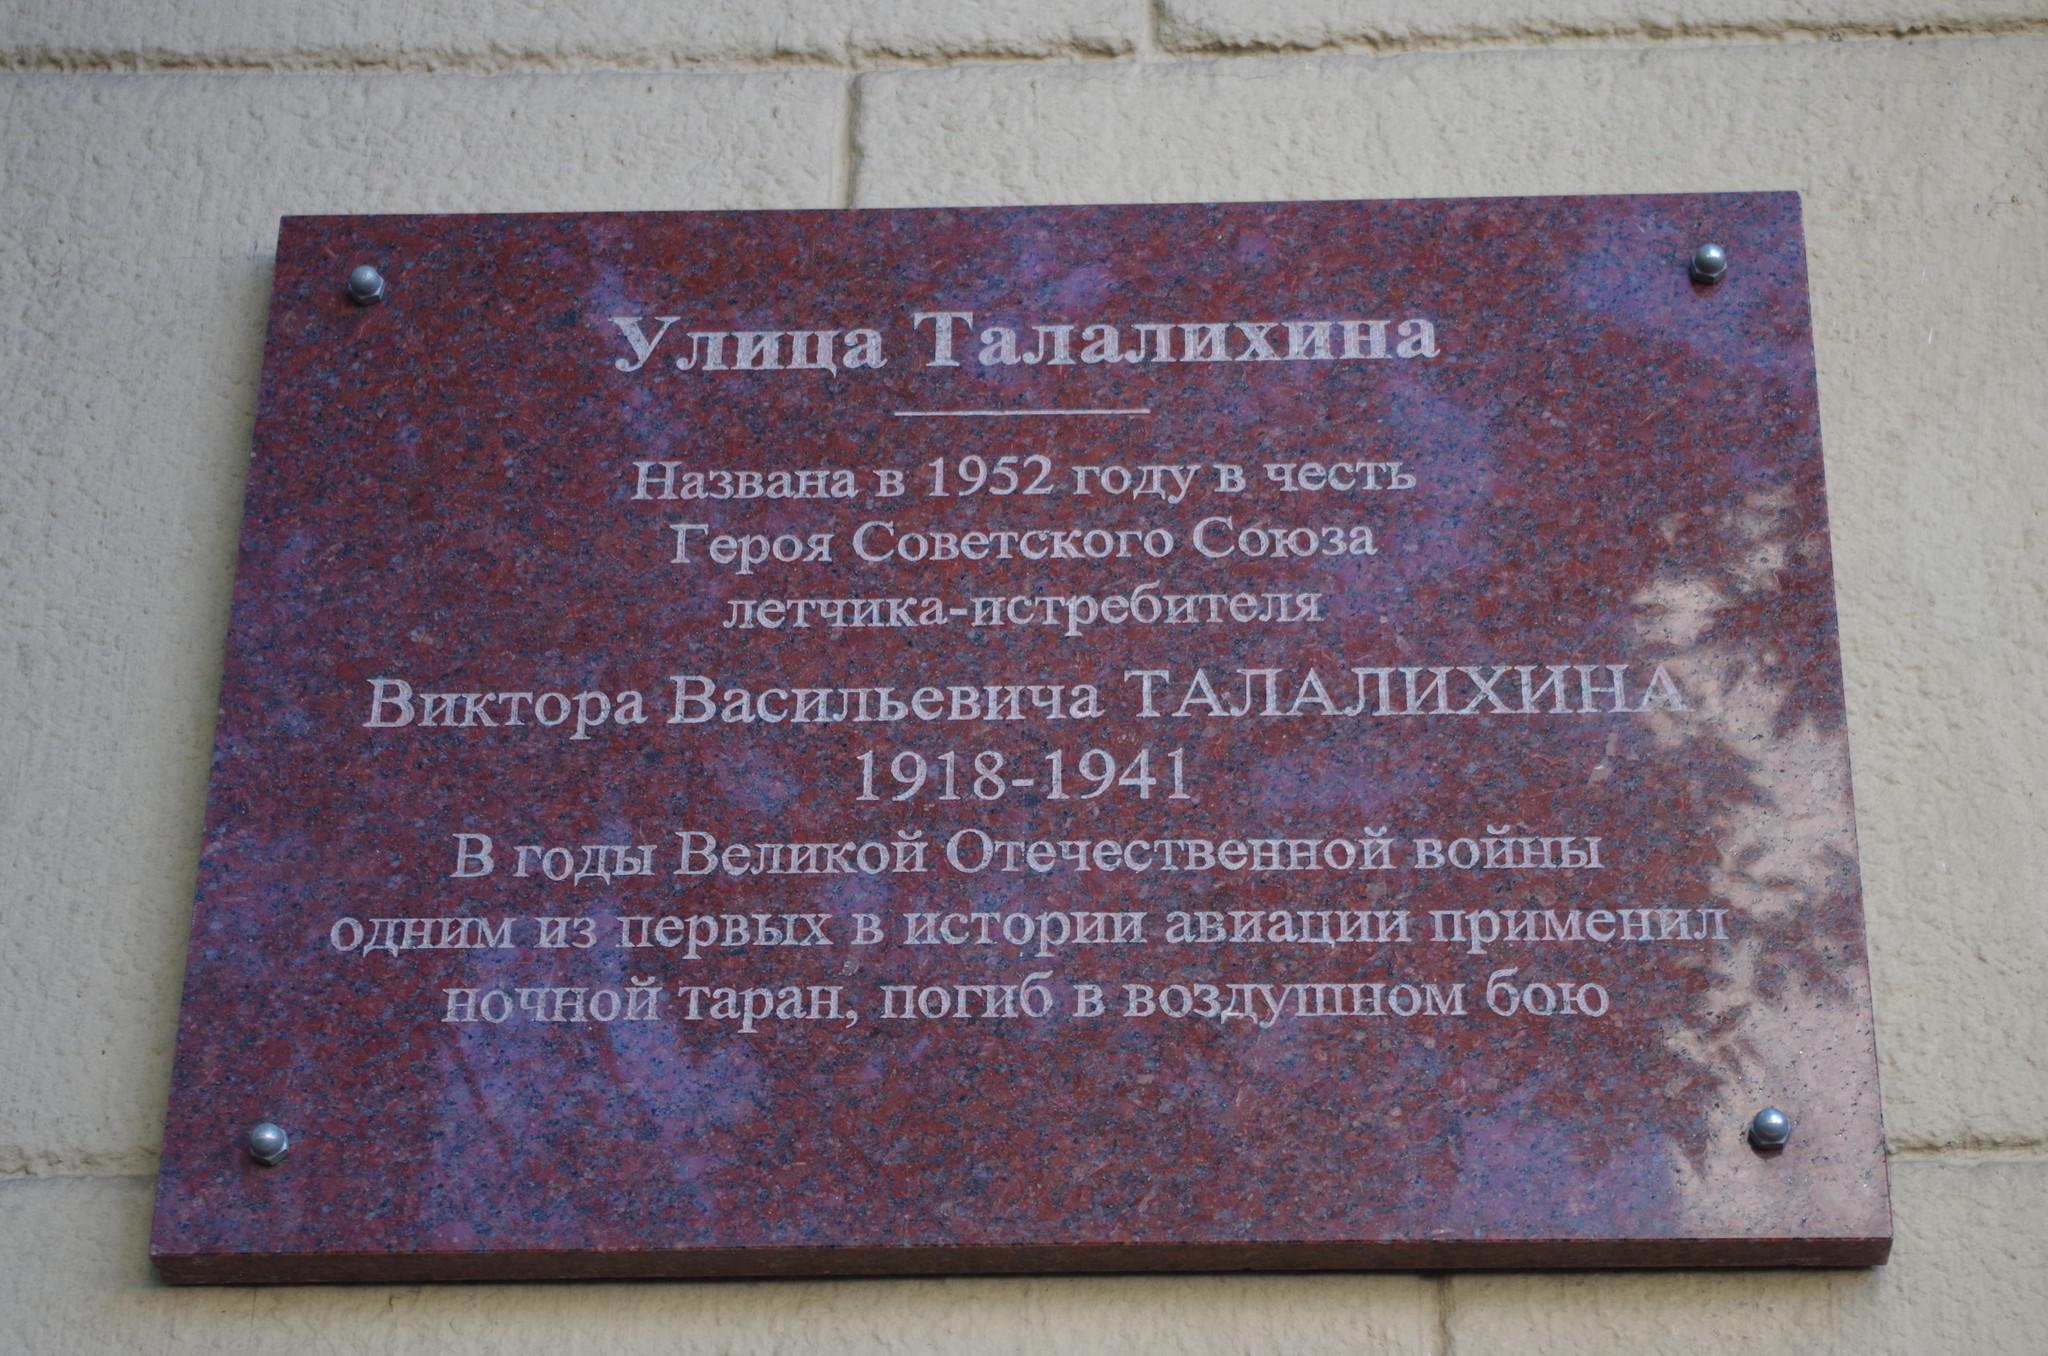 В честь Виктора Талалихина 1952 году названа улица в Москве